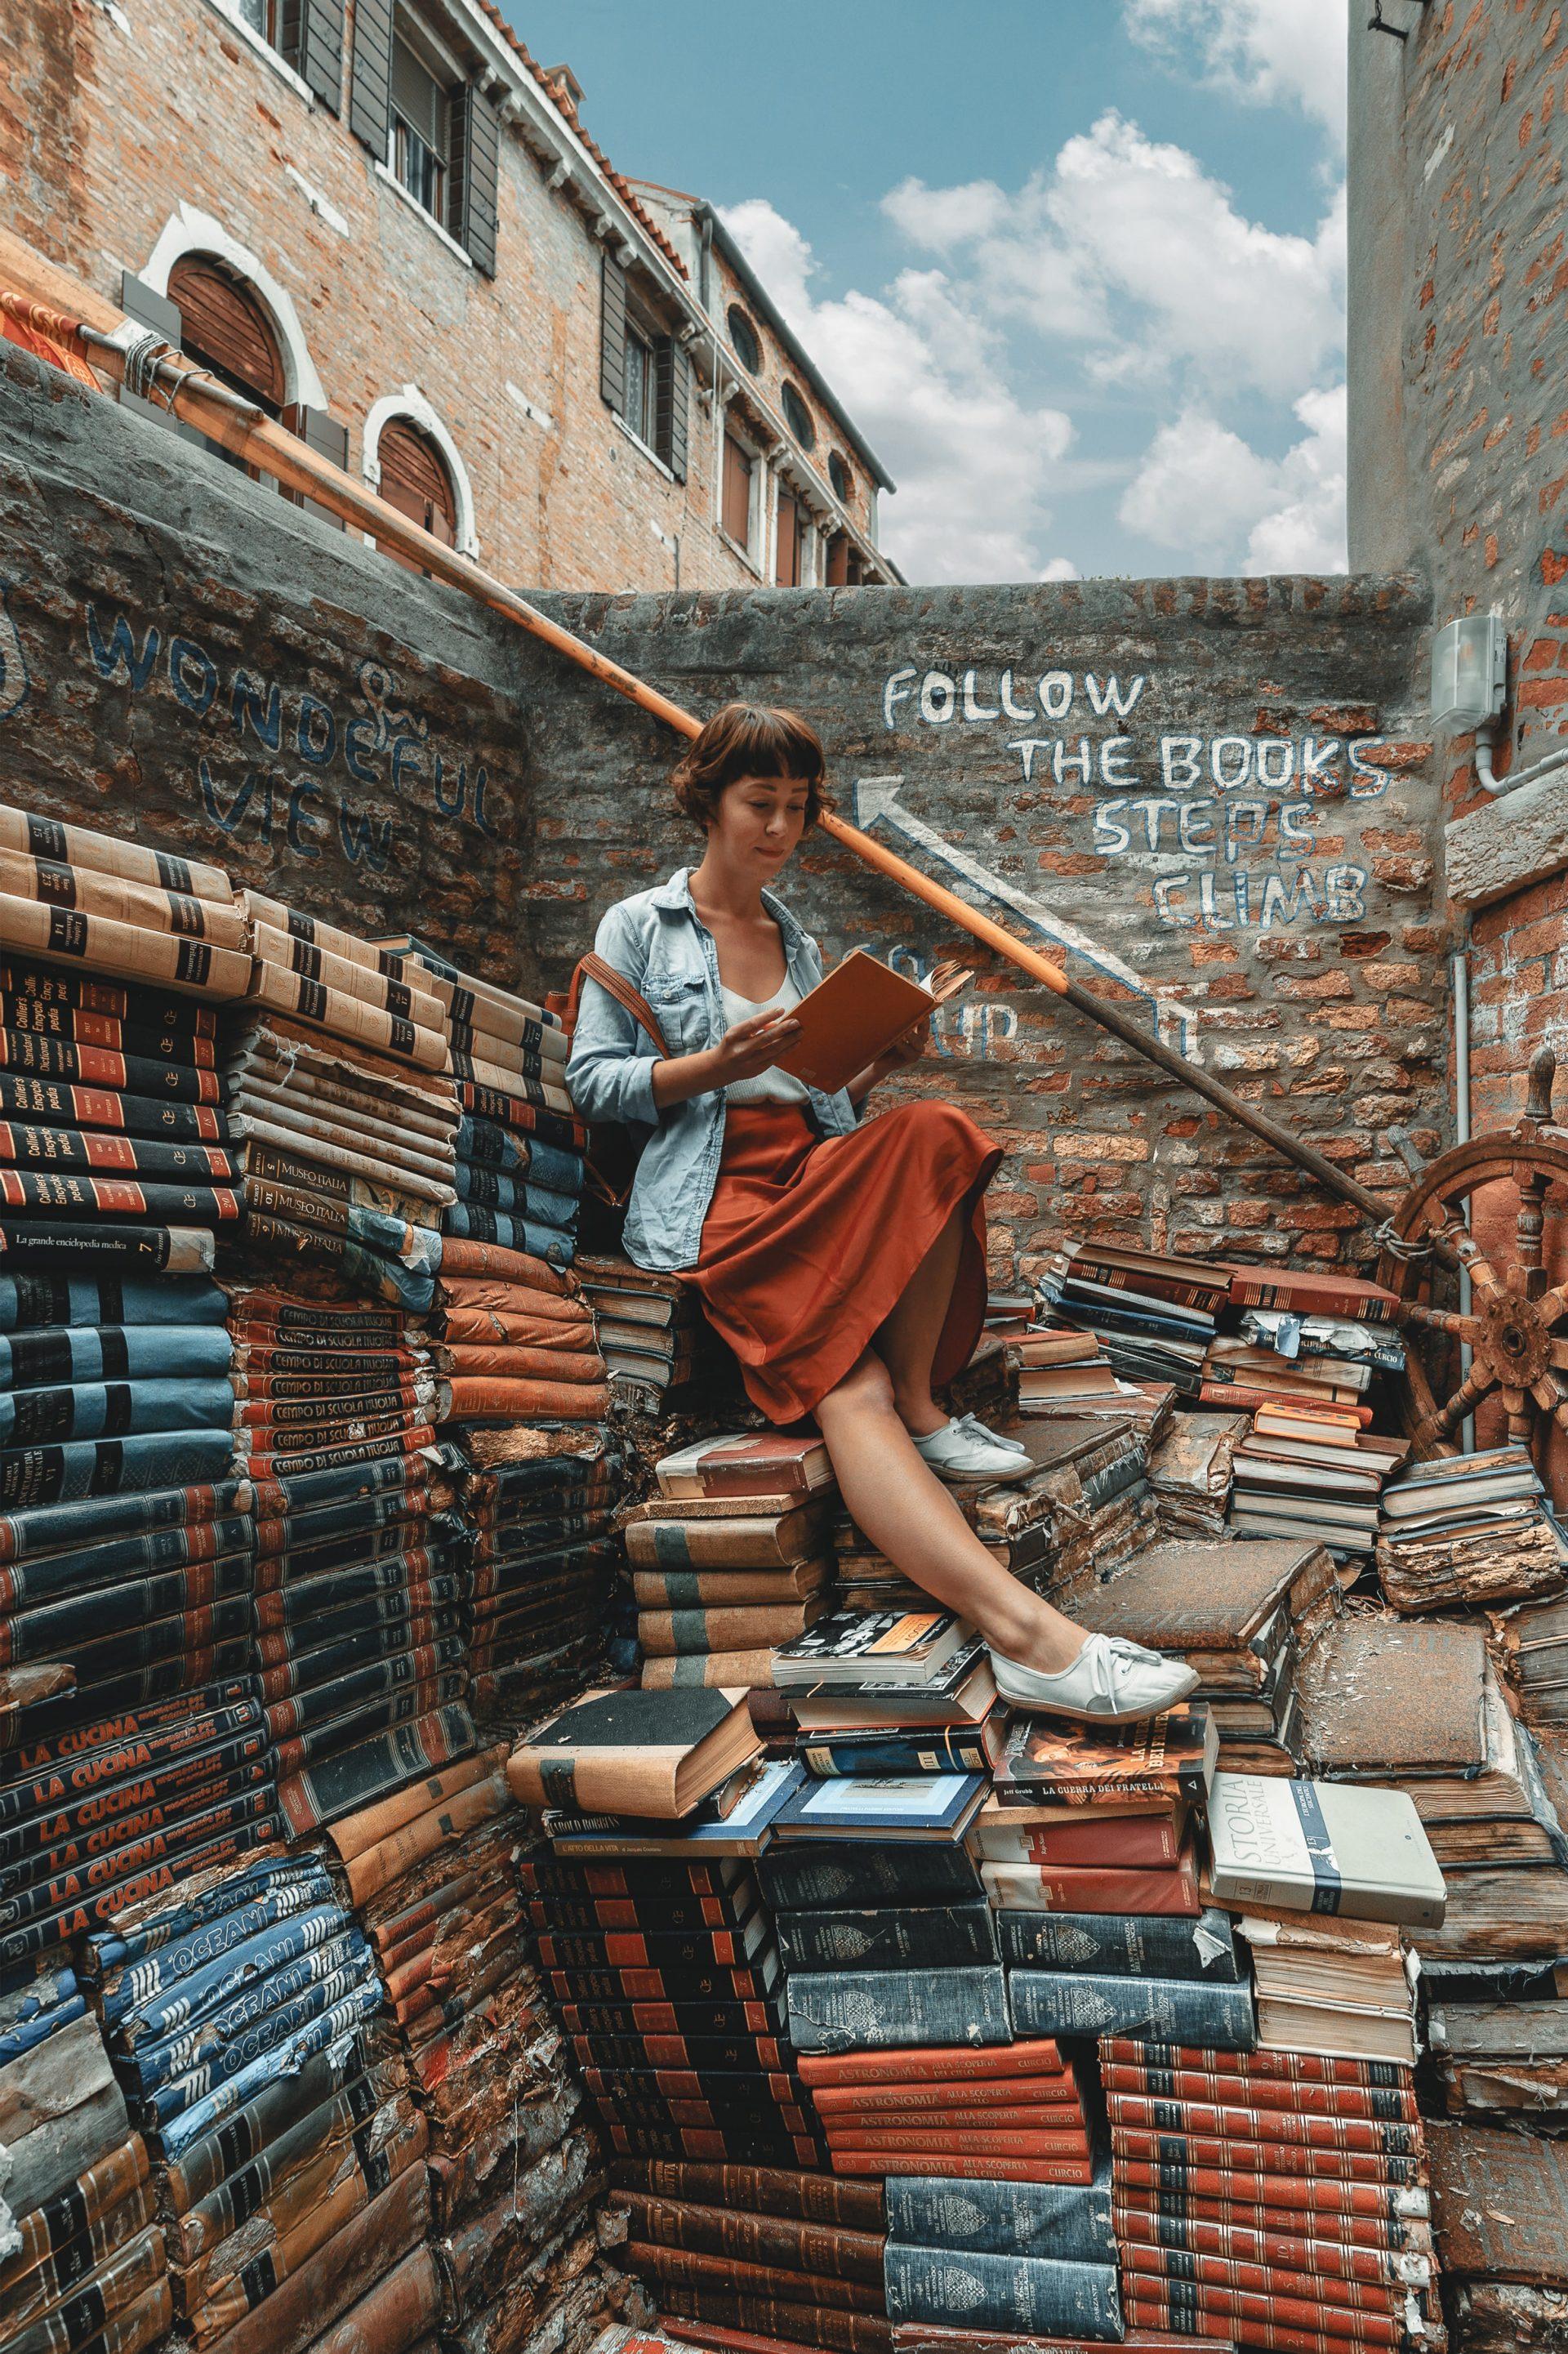 Vrouw leest een boek op een stapel boeken in de vorm van een trap door Clay Banks via Unsplash